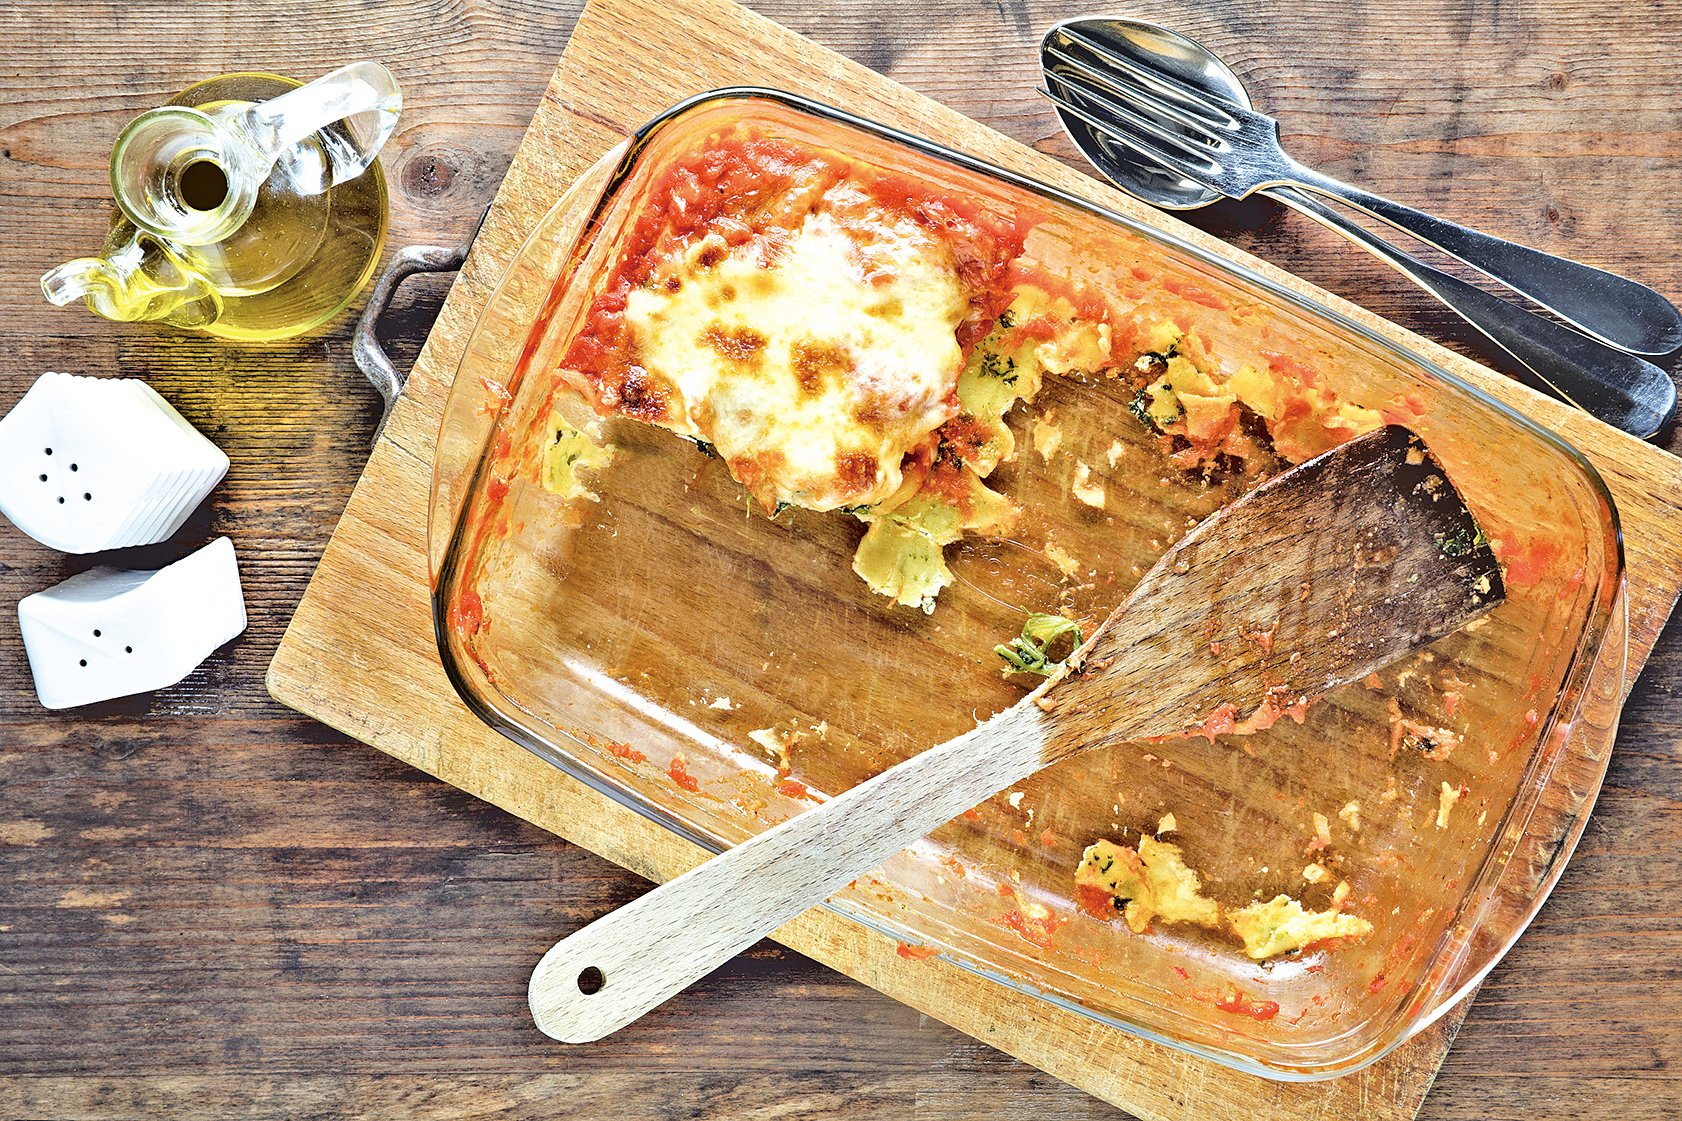 剩菜如何處理才安全,是現代人的重要課題。